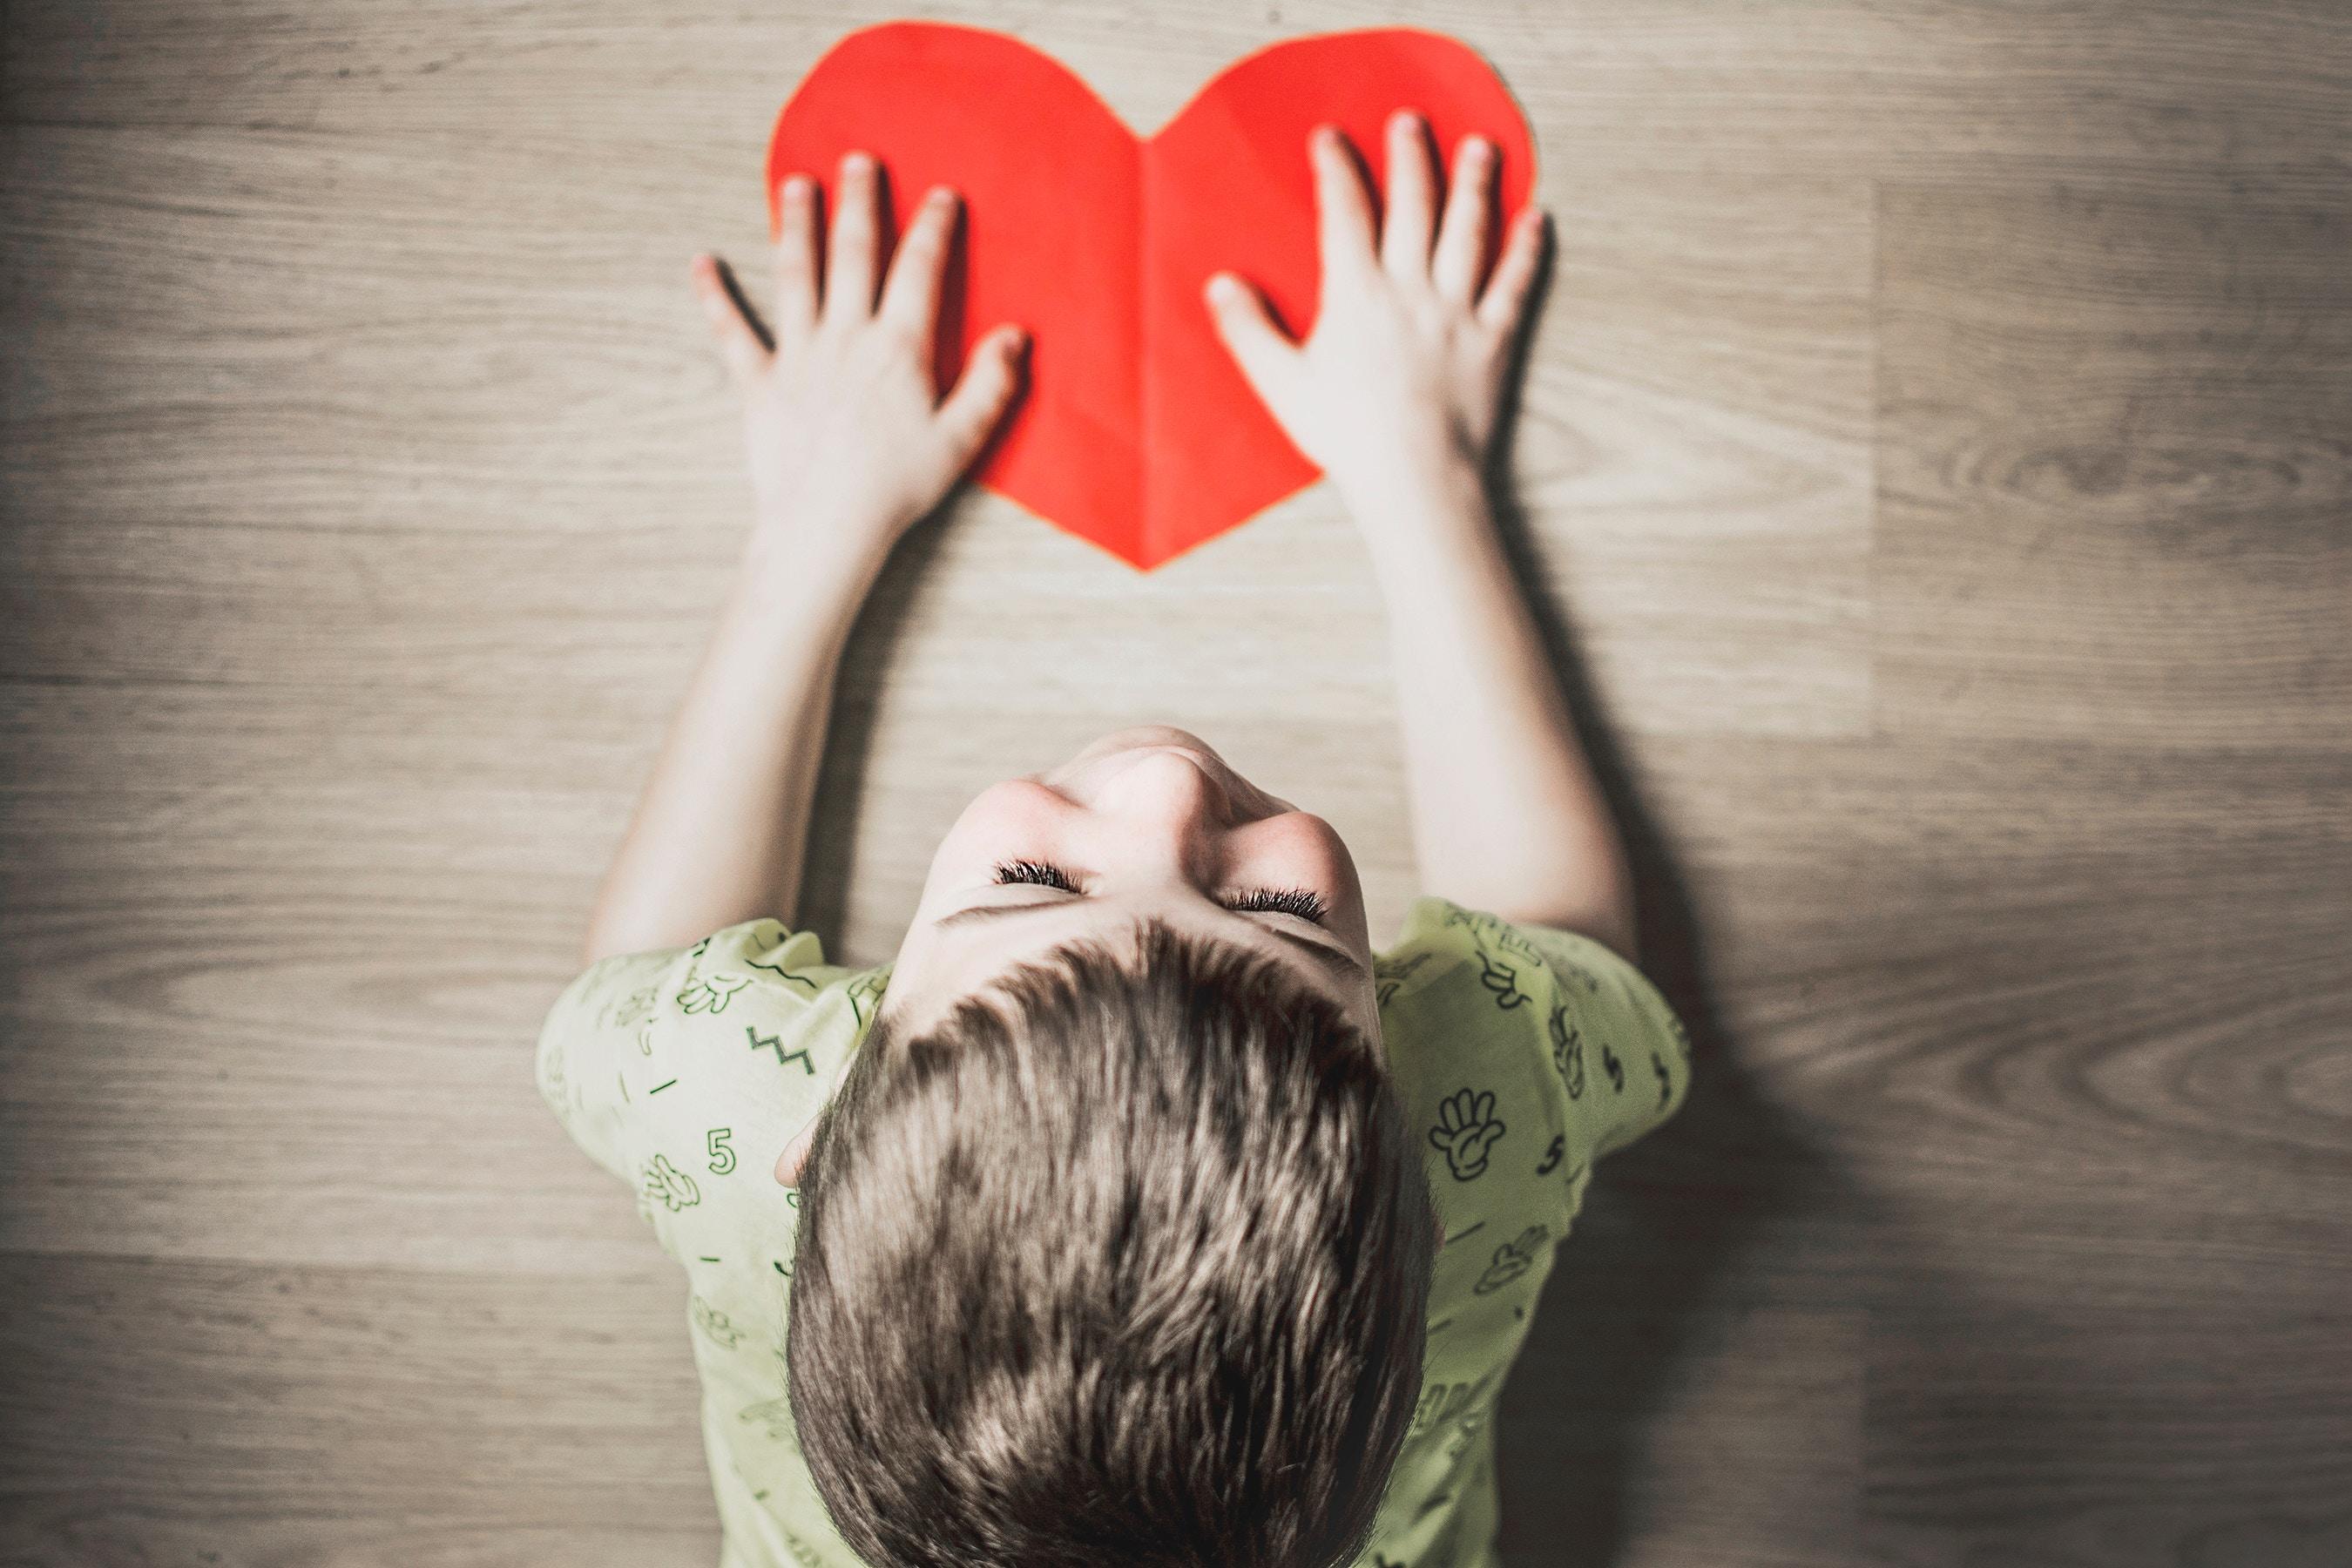 Etäkuntoutus – toivoa tuovaa lähitukea ihmisen omassa arjessa